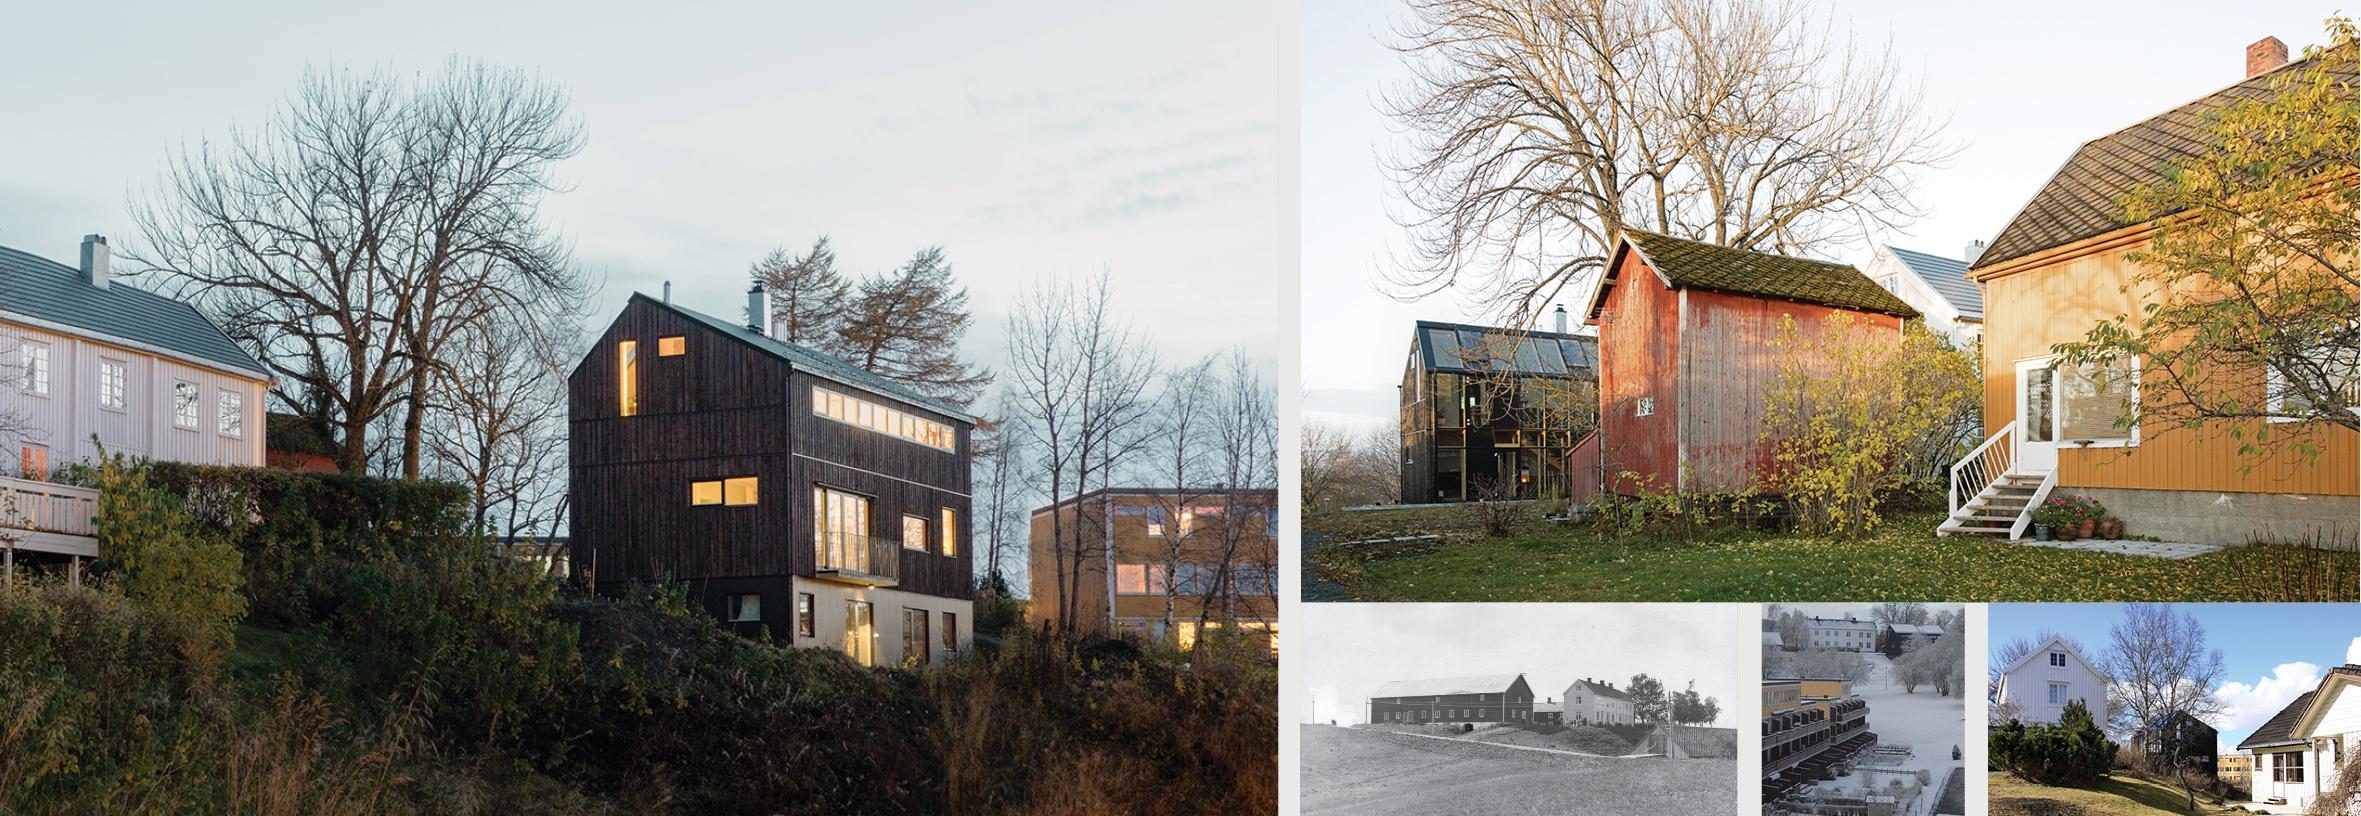 Nabo-bebyggelsen i dag, og gården sett fra øst i 1930-årene (svart-hvitt foto) .